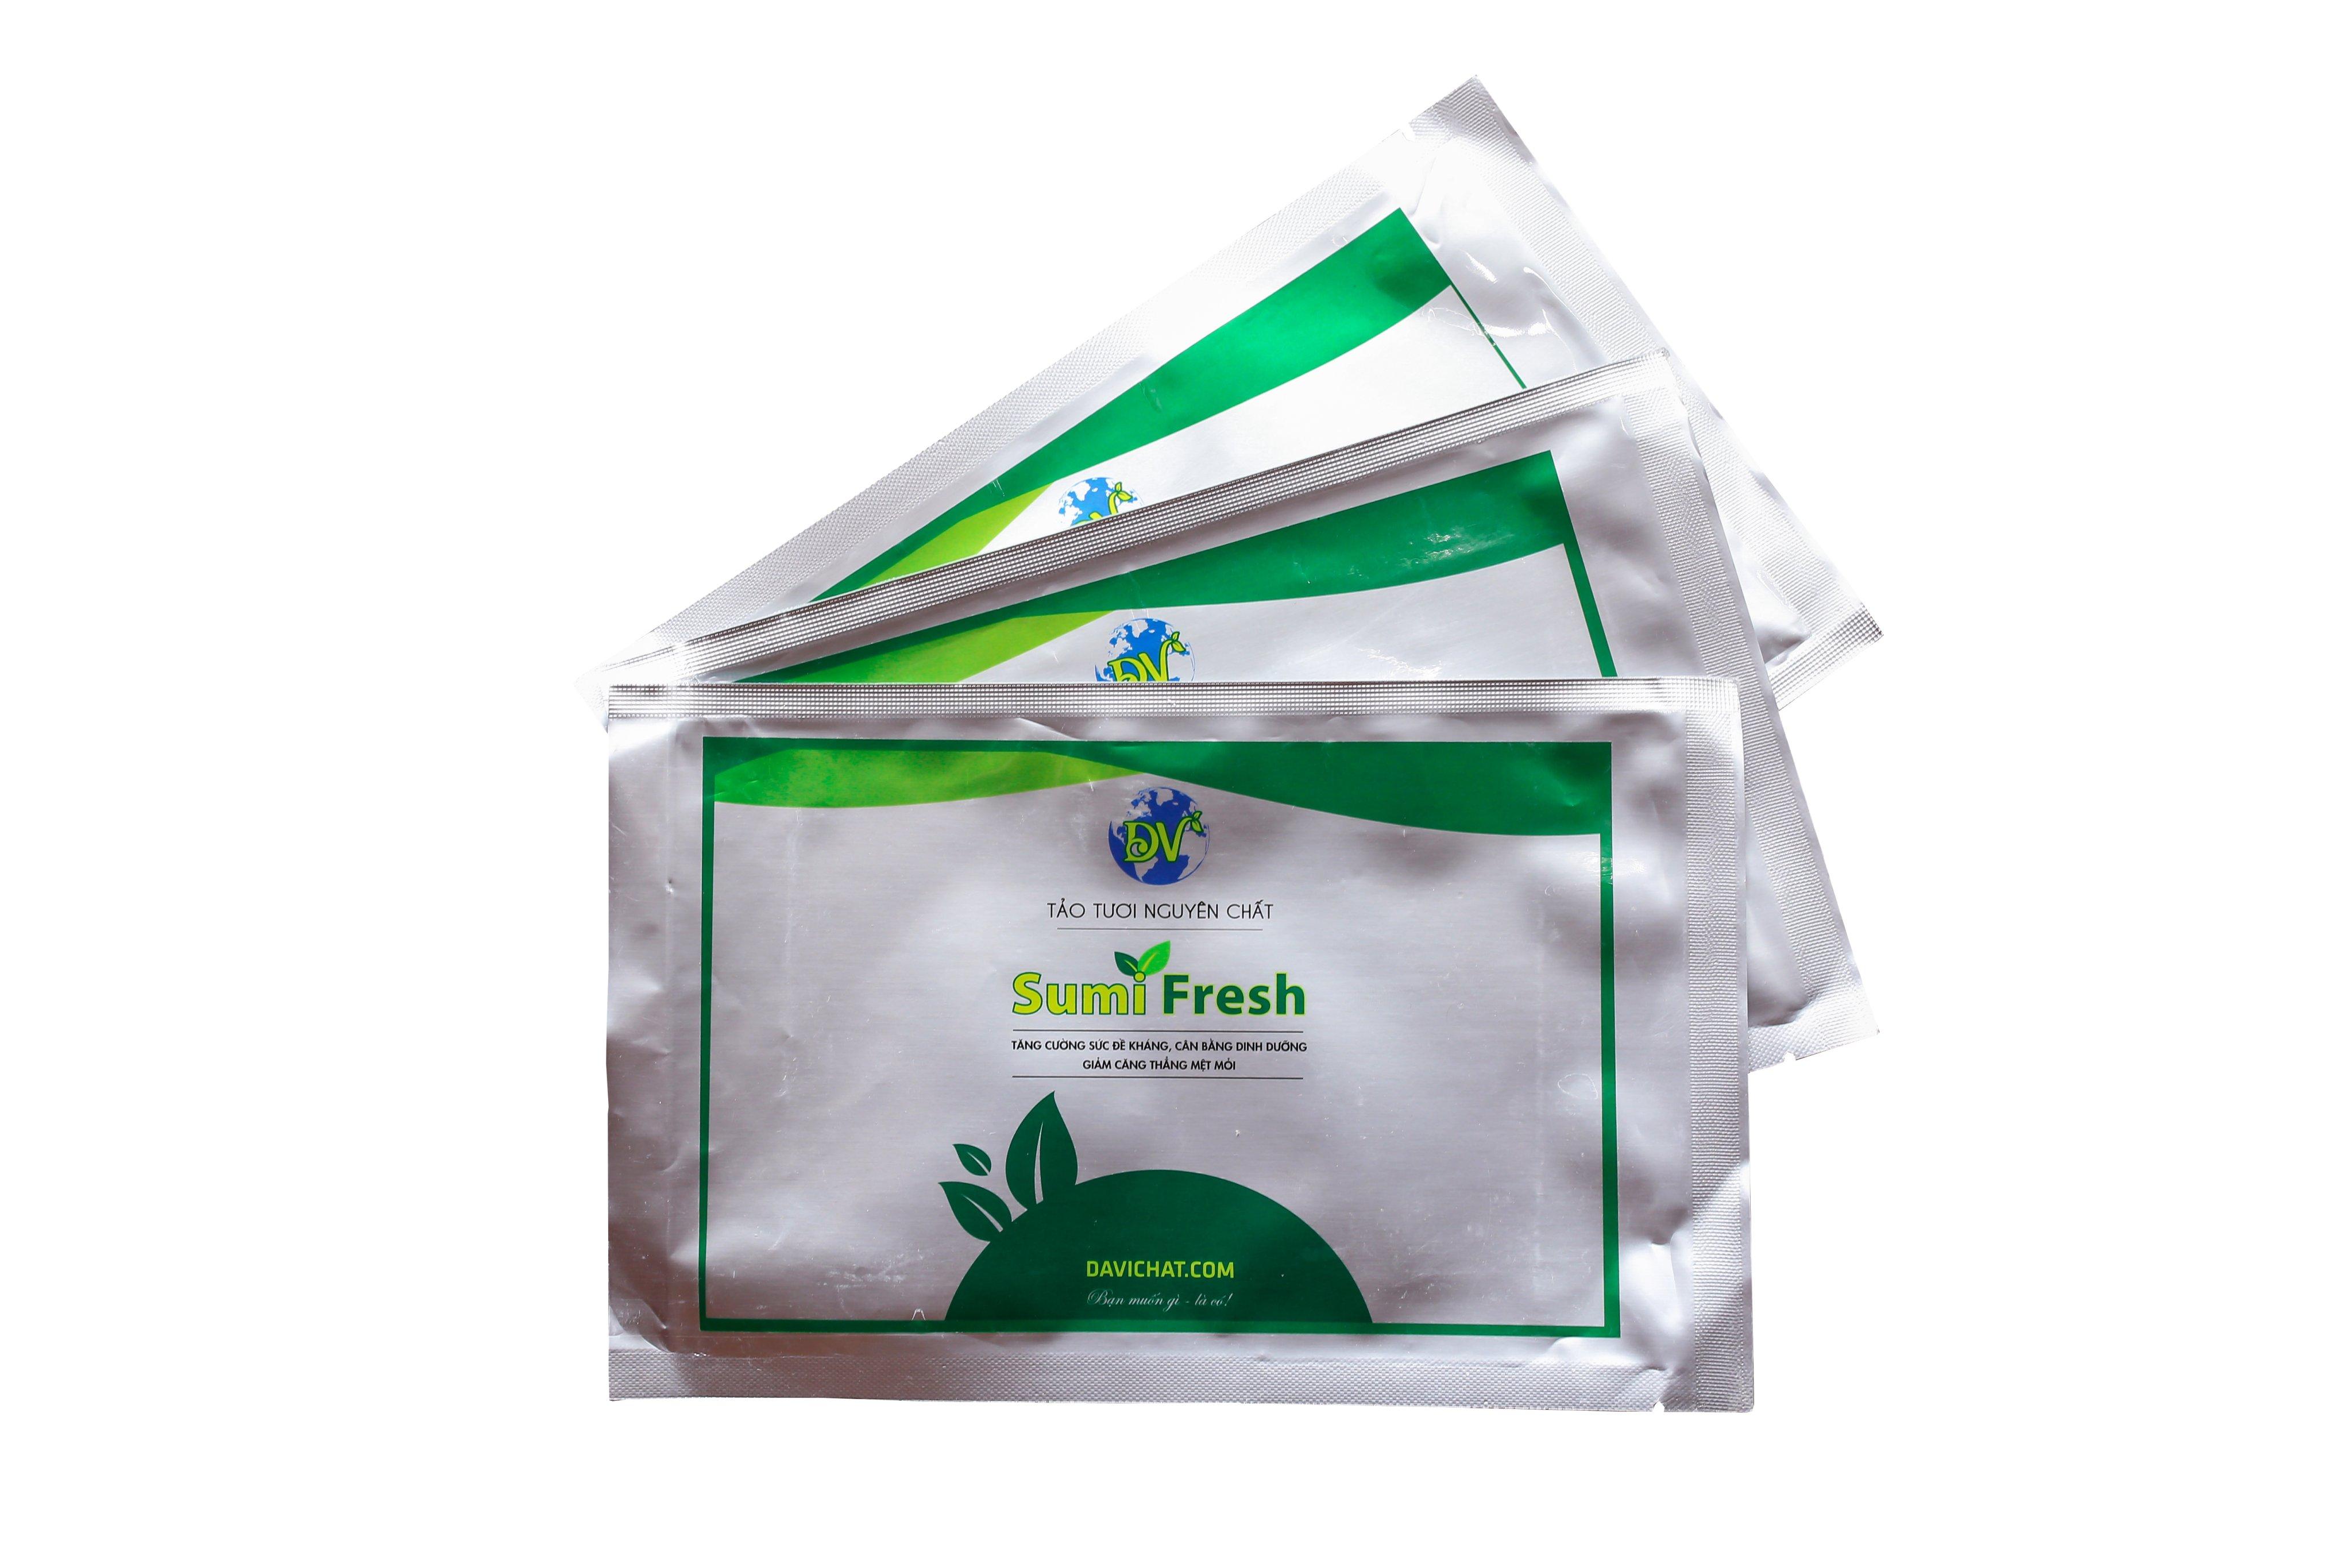 TẢO TƯƠI SUMI FRESH- Siêu thực phẩm sạch